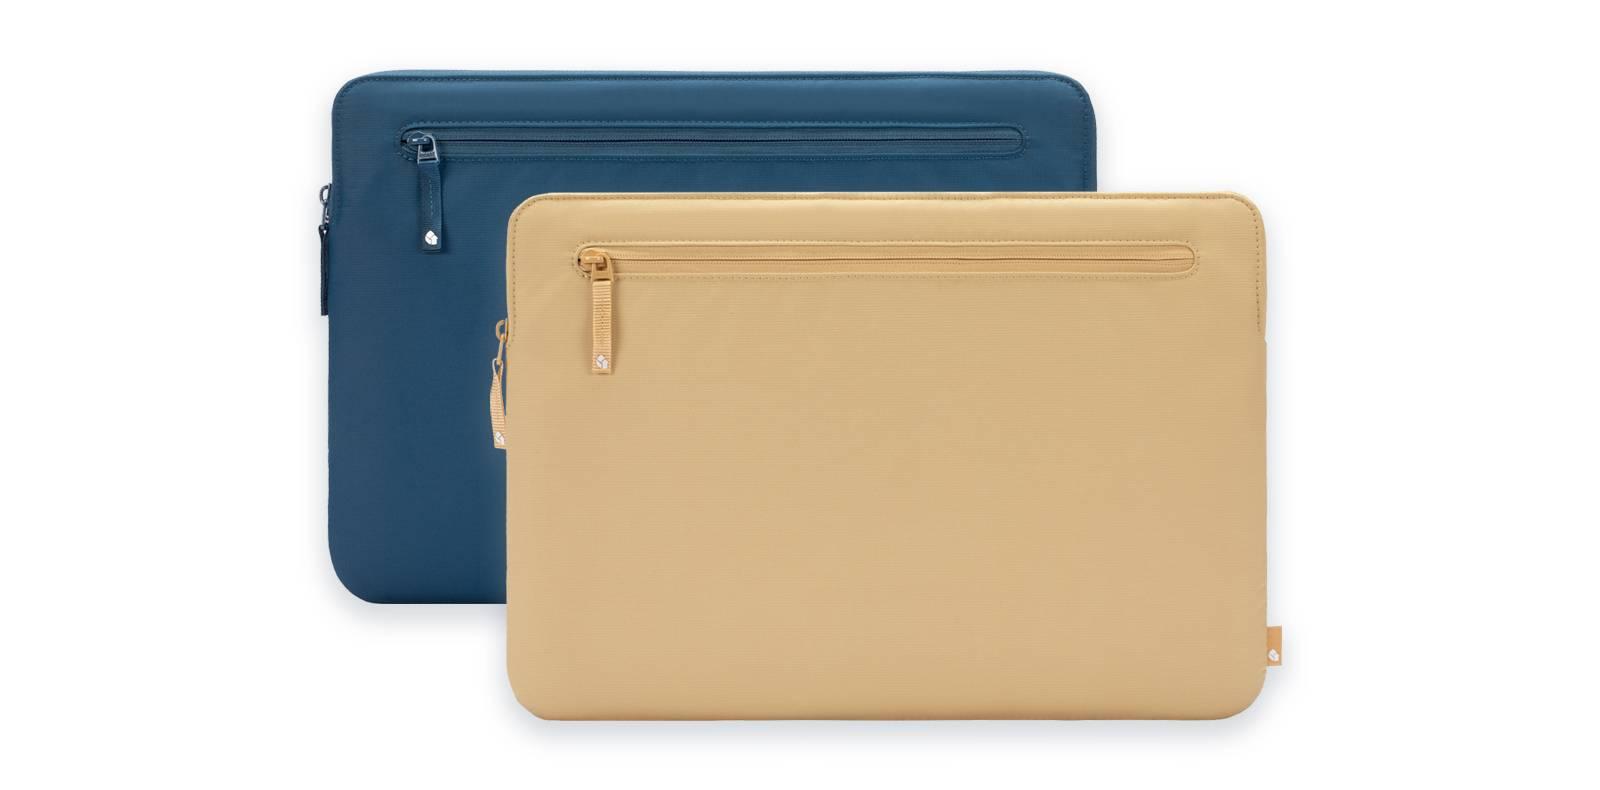 Компактный чехол-рукав Incase для планшета или ноутбука